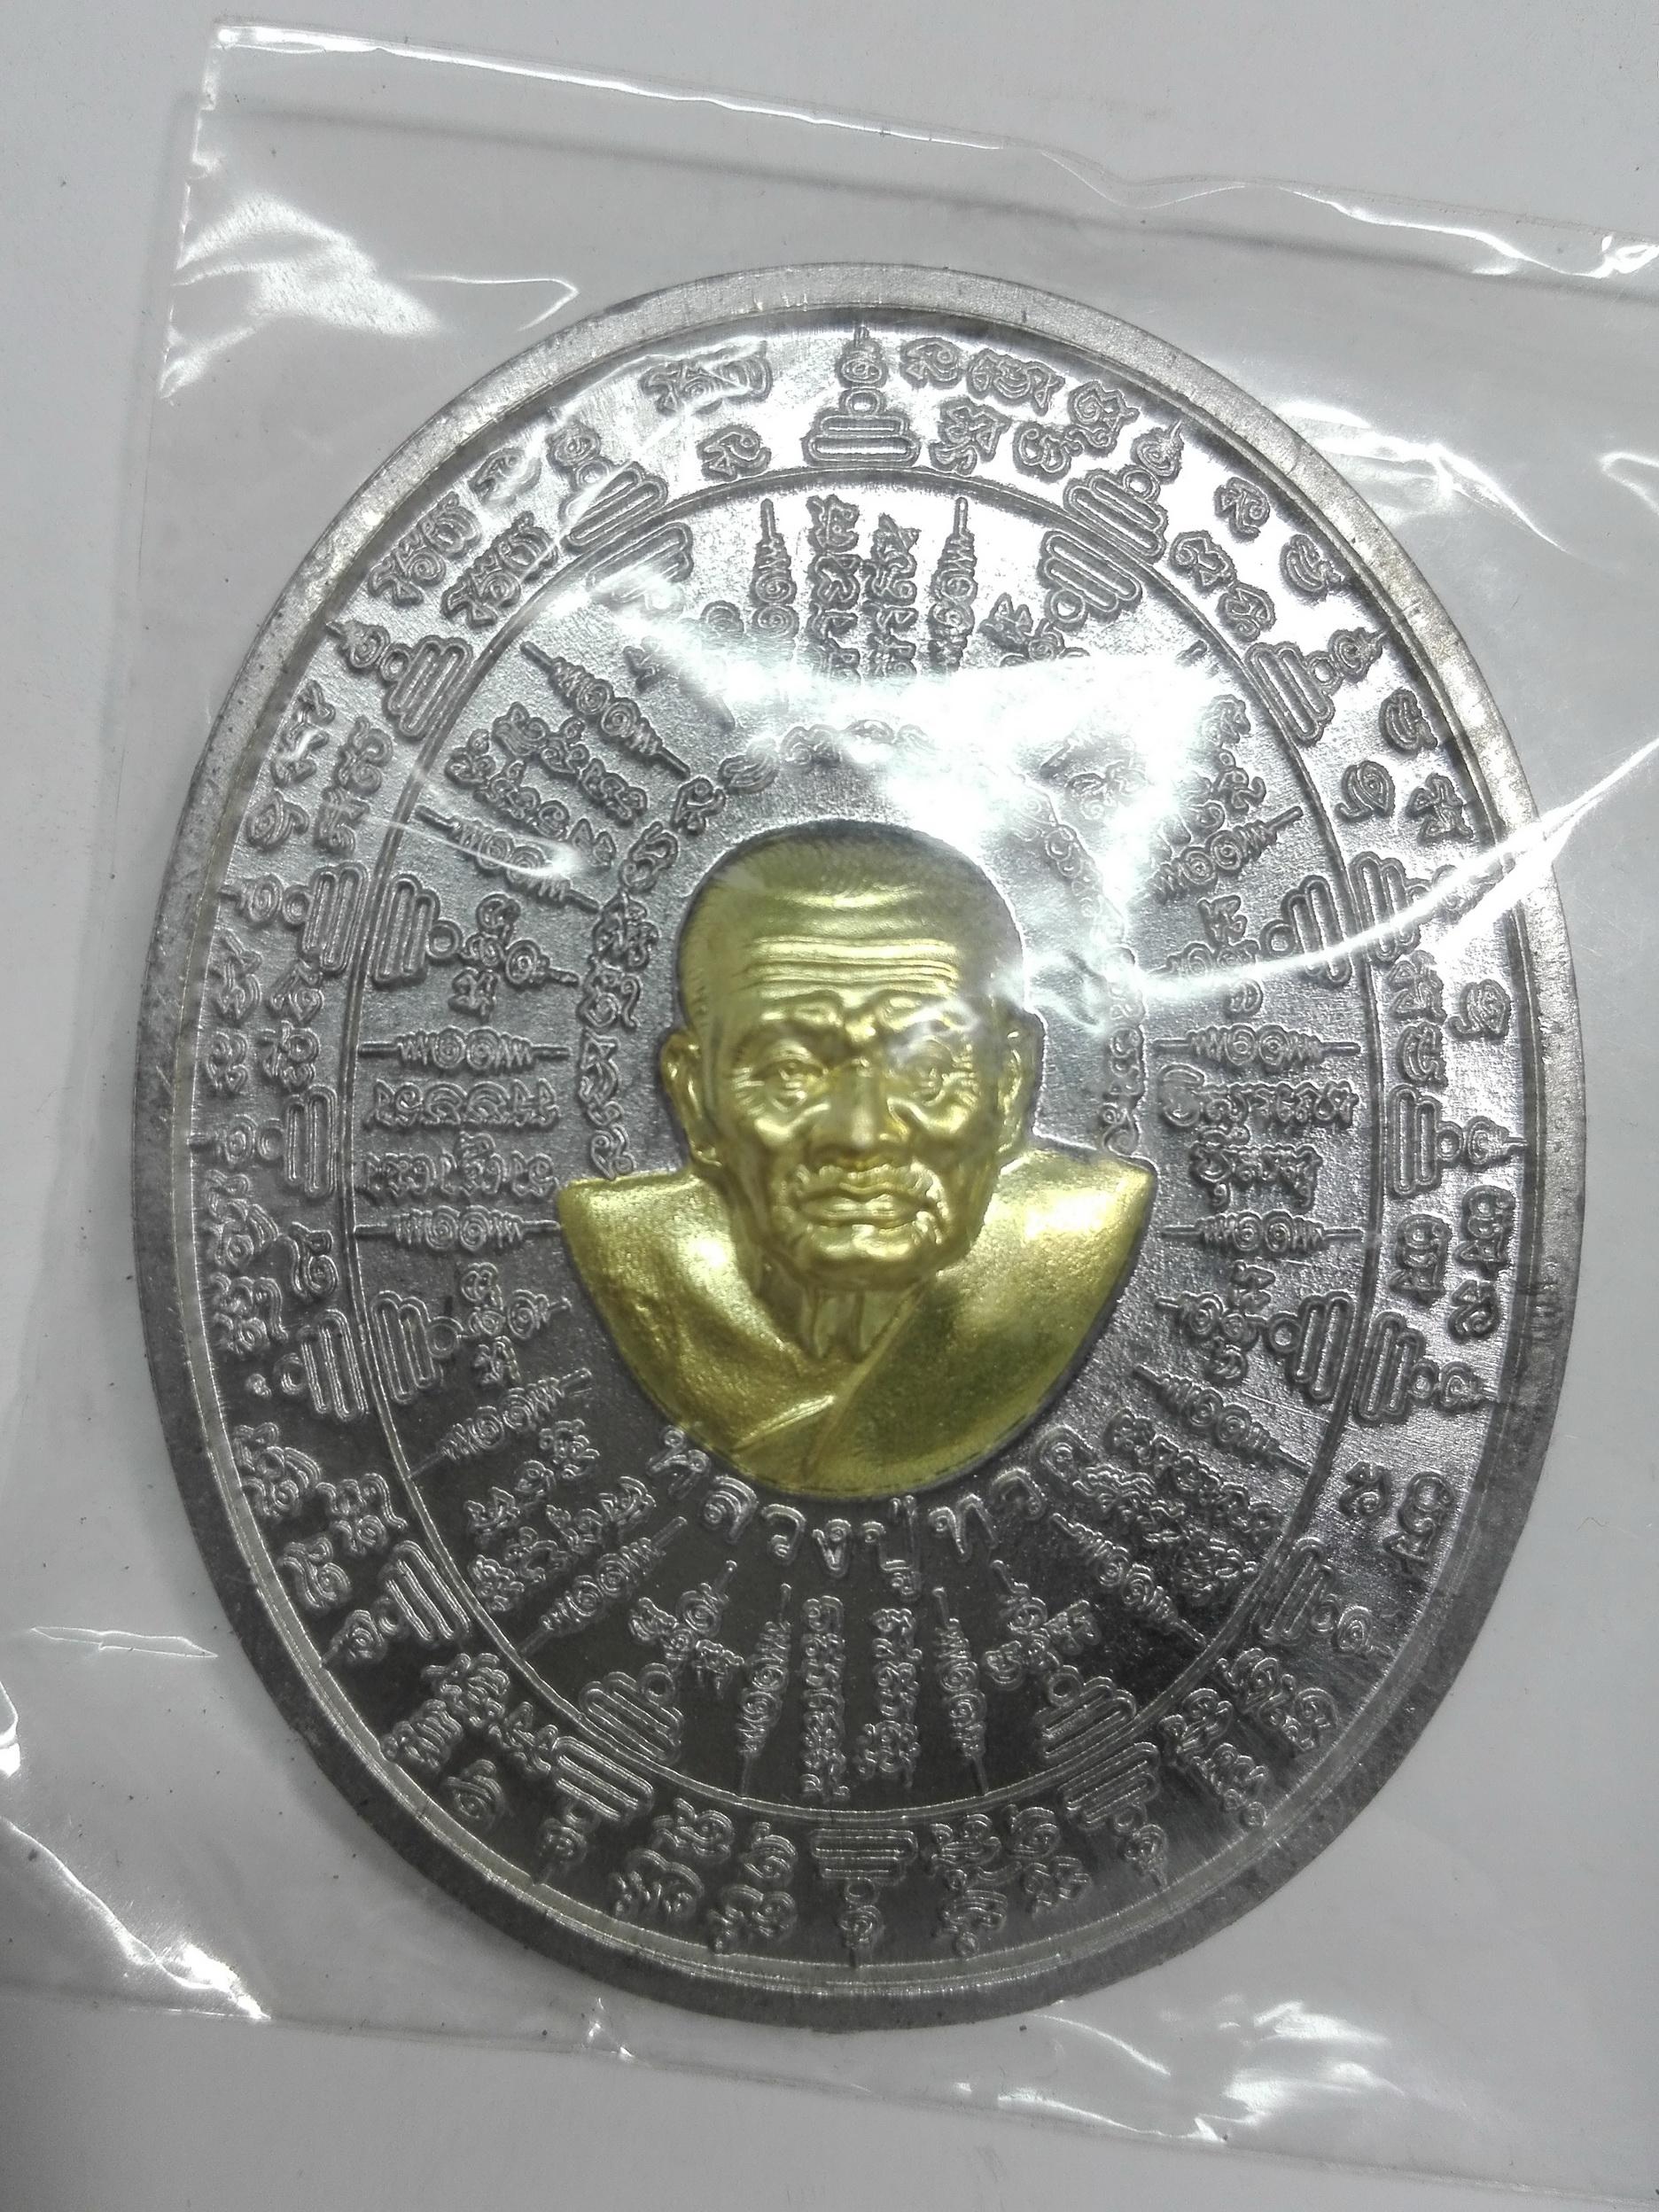 เหรียญเทพชุมนุม แสนคาถาล้านอาคม หลวงปู่ทวด (เนื้อตะกั่ว)